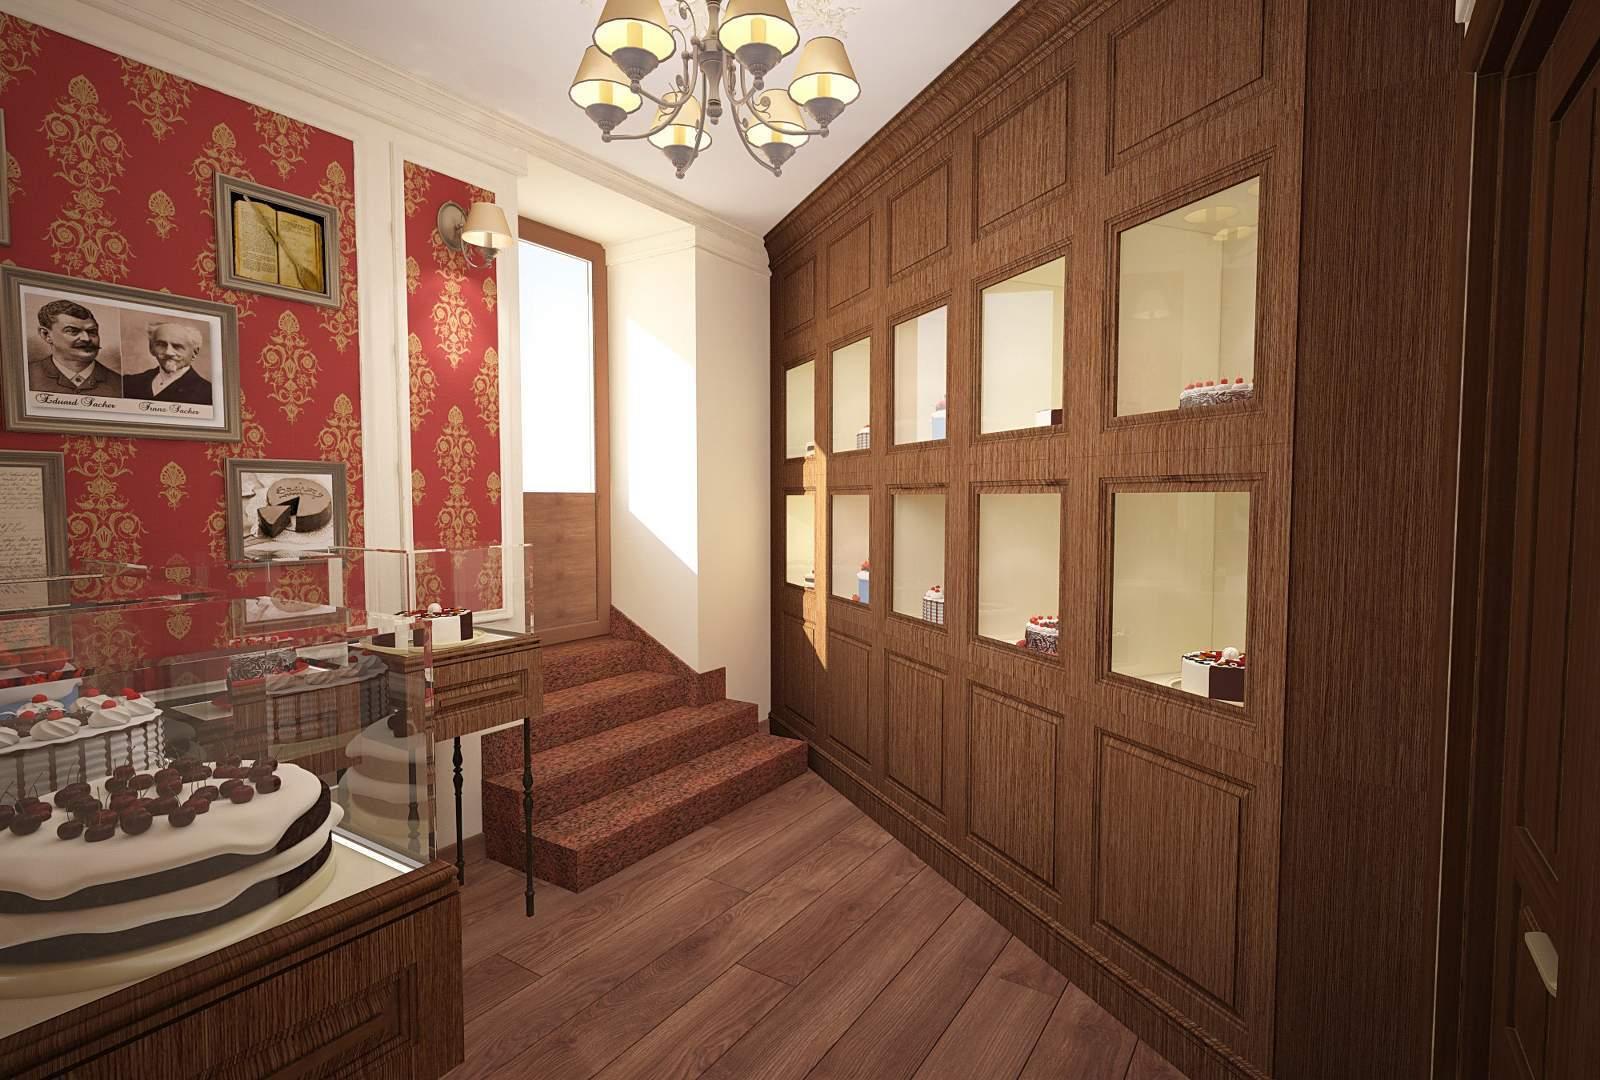 Franz_Sacher_caffe_interior_6_1600x1080_1600x1080